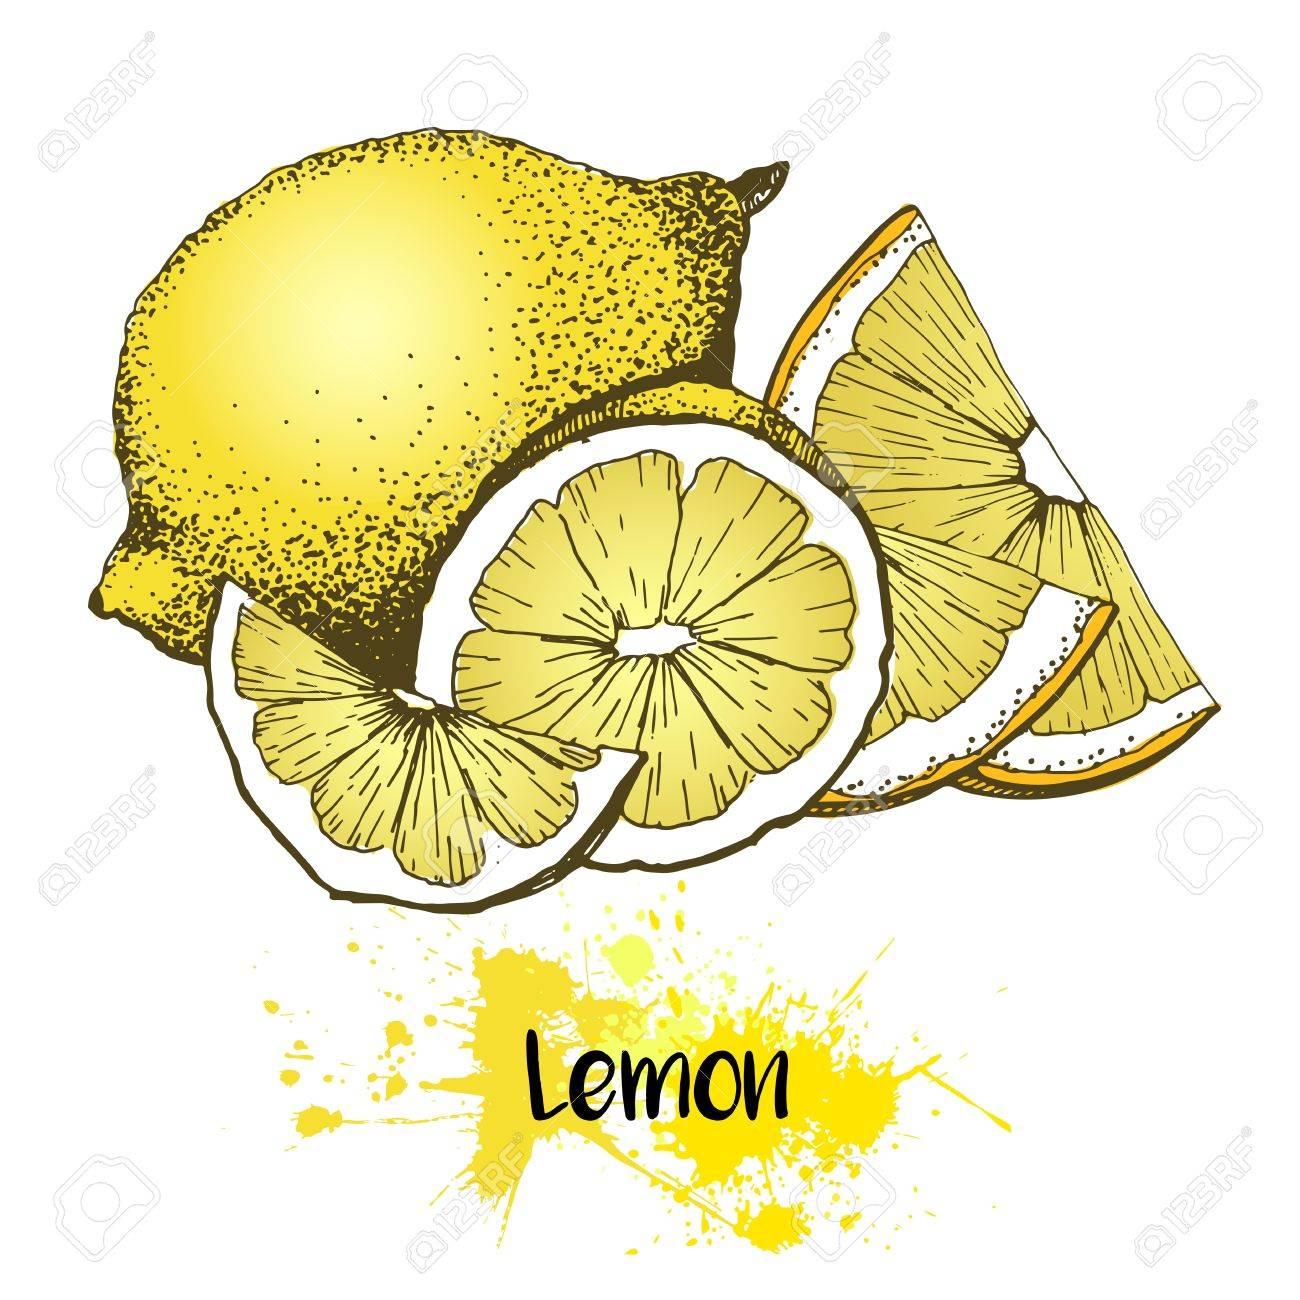 Vector Dibujado A Mano Ilustración De La Fruta De Limón O Lima. El ...